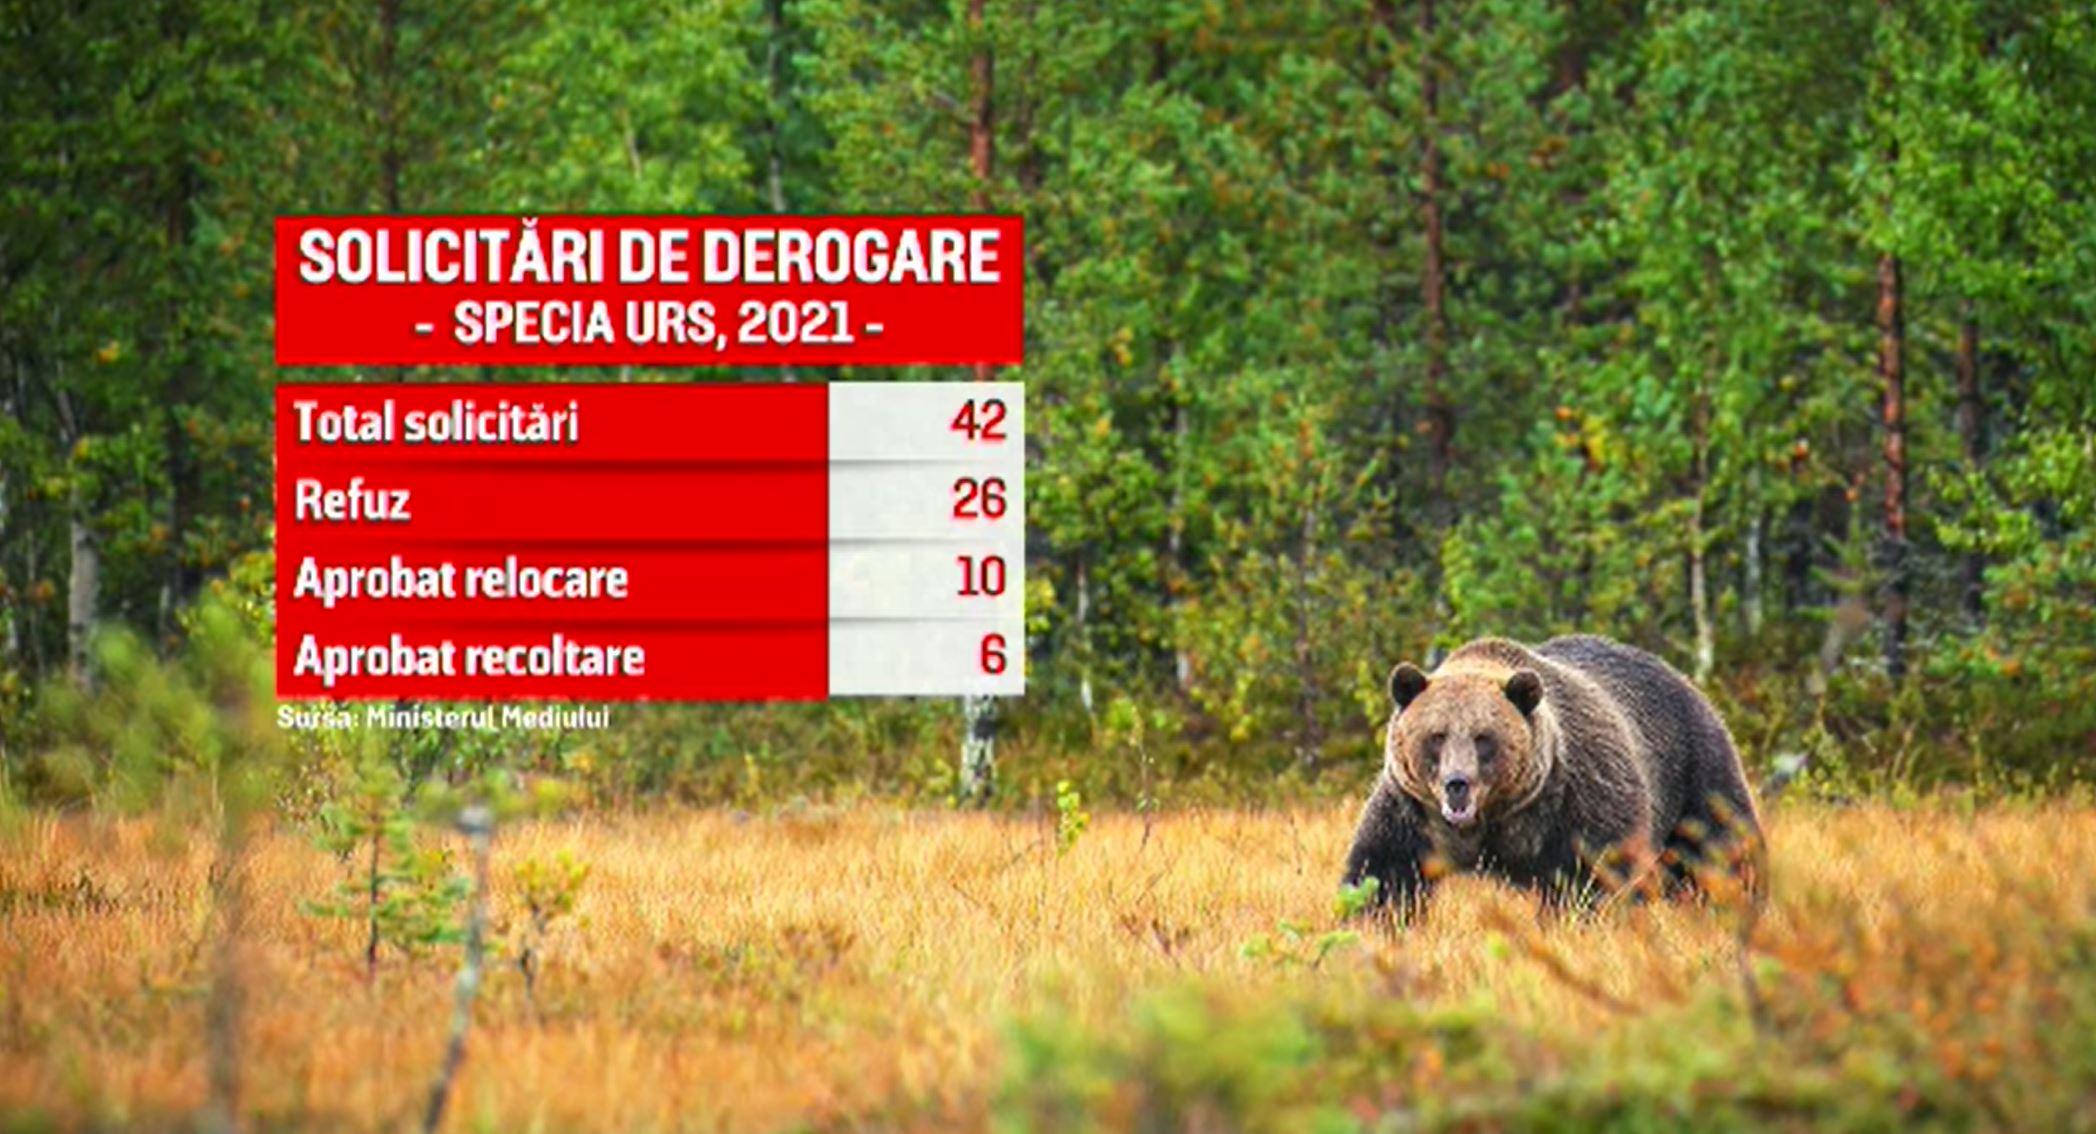 Problema urșilor care intră în localități și atacă oameni, rămasă nerezolvată din cauza birocrației